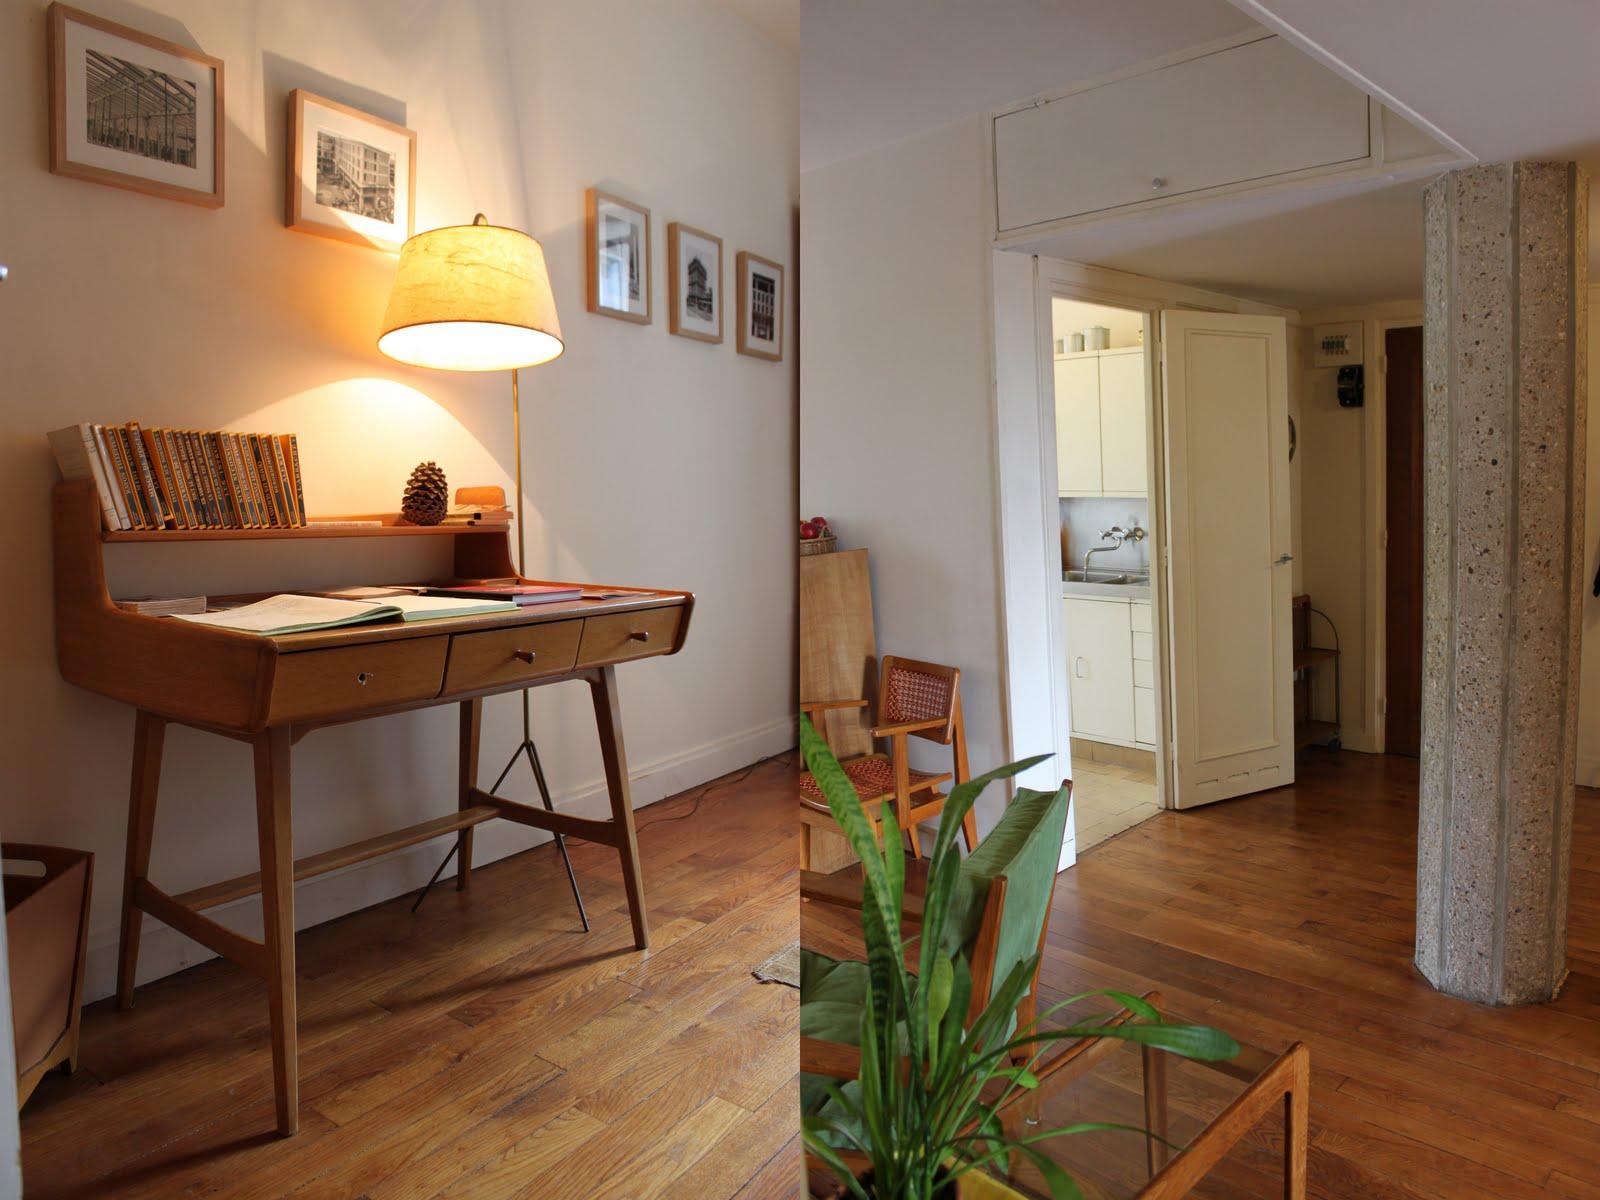 studio nord le havre et monsieur perret. Black Bedroom Furniture Sets. Home Design Ideas